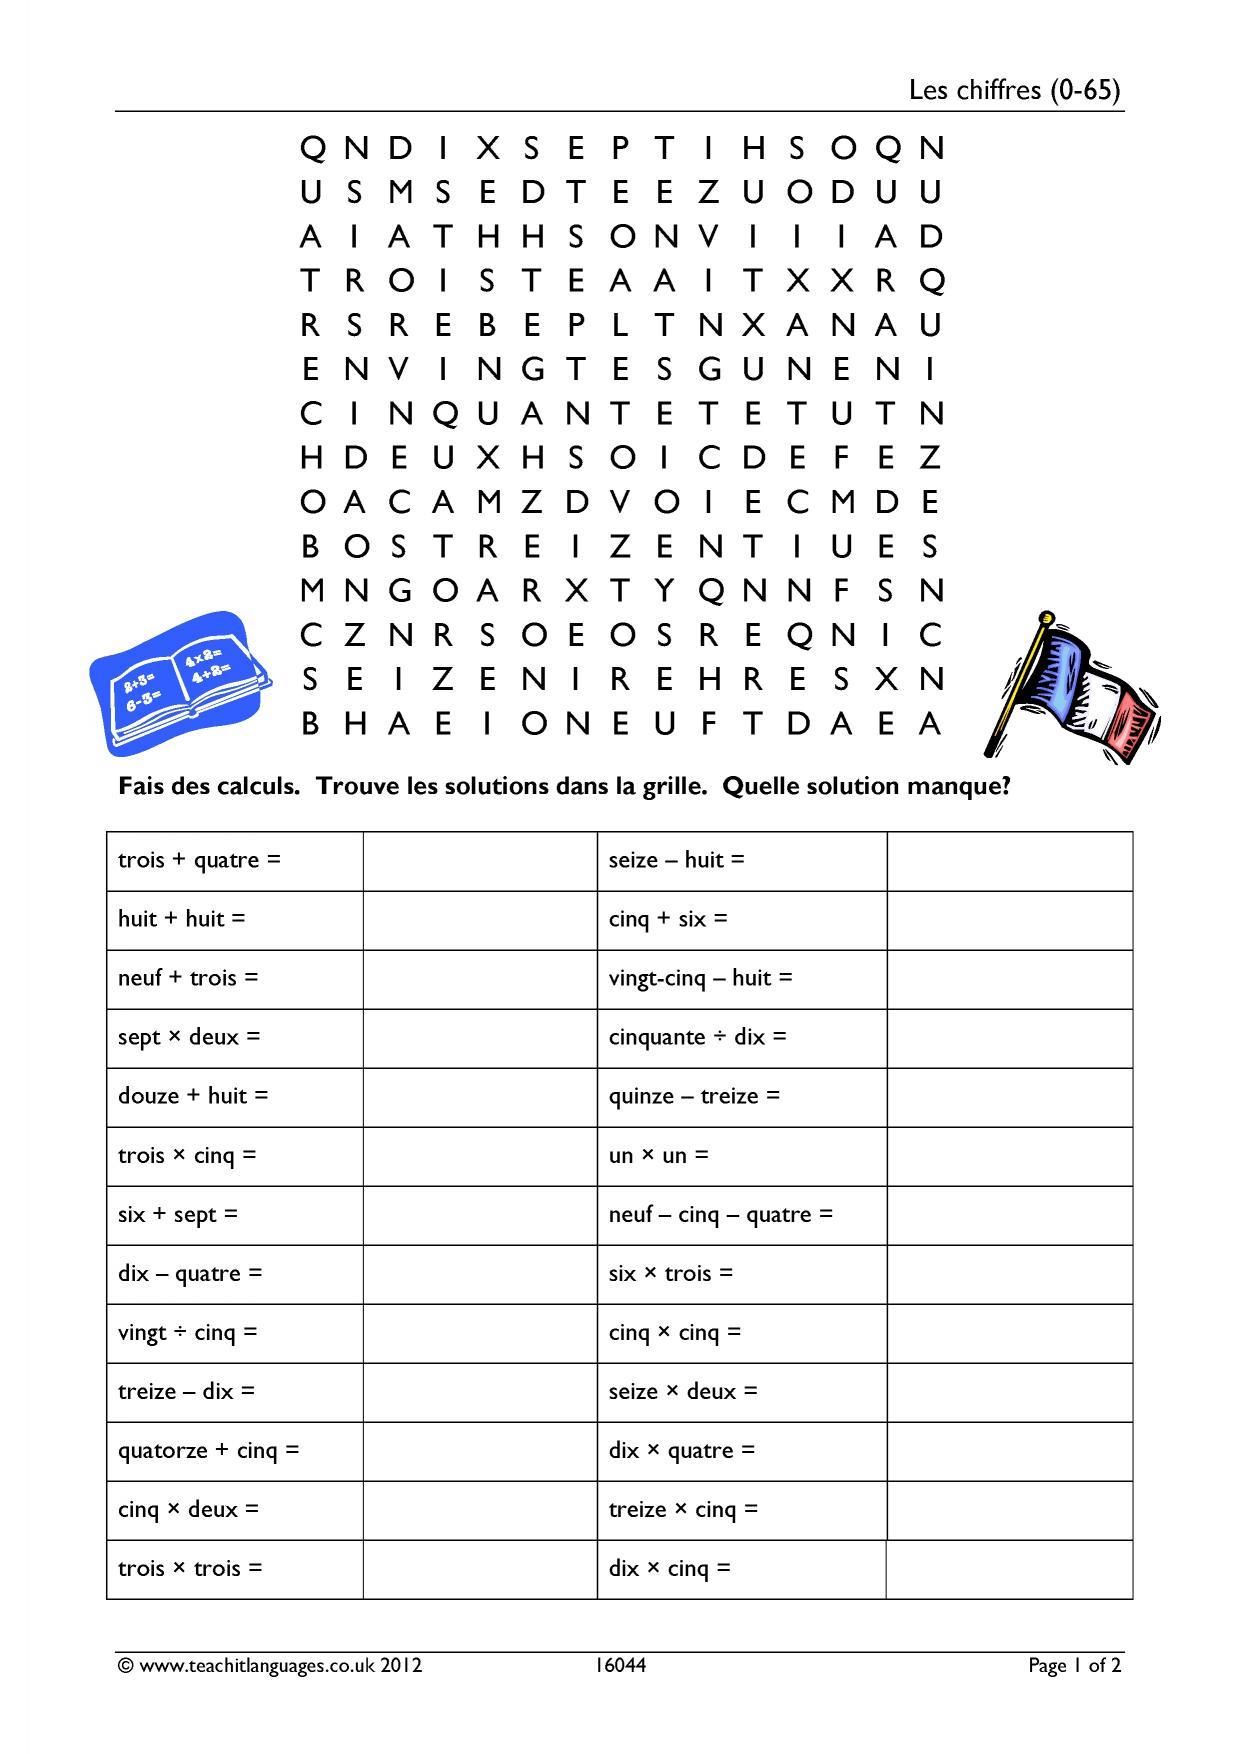 french basic language tutorial